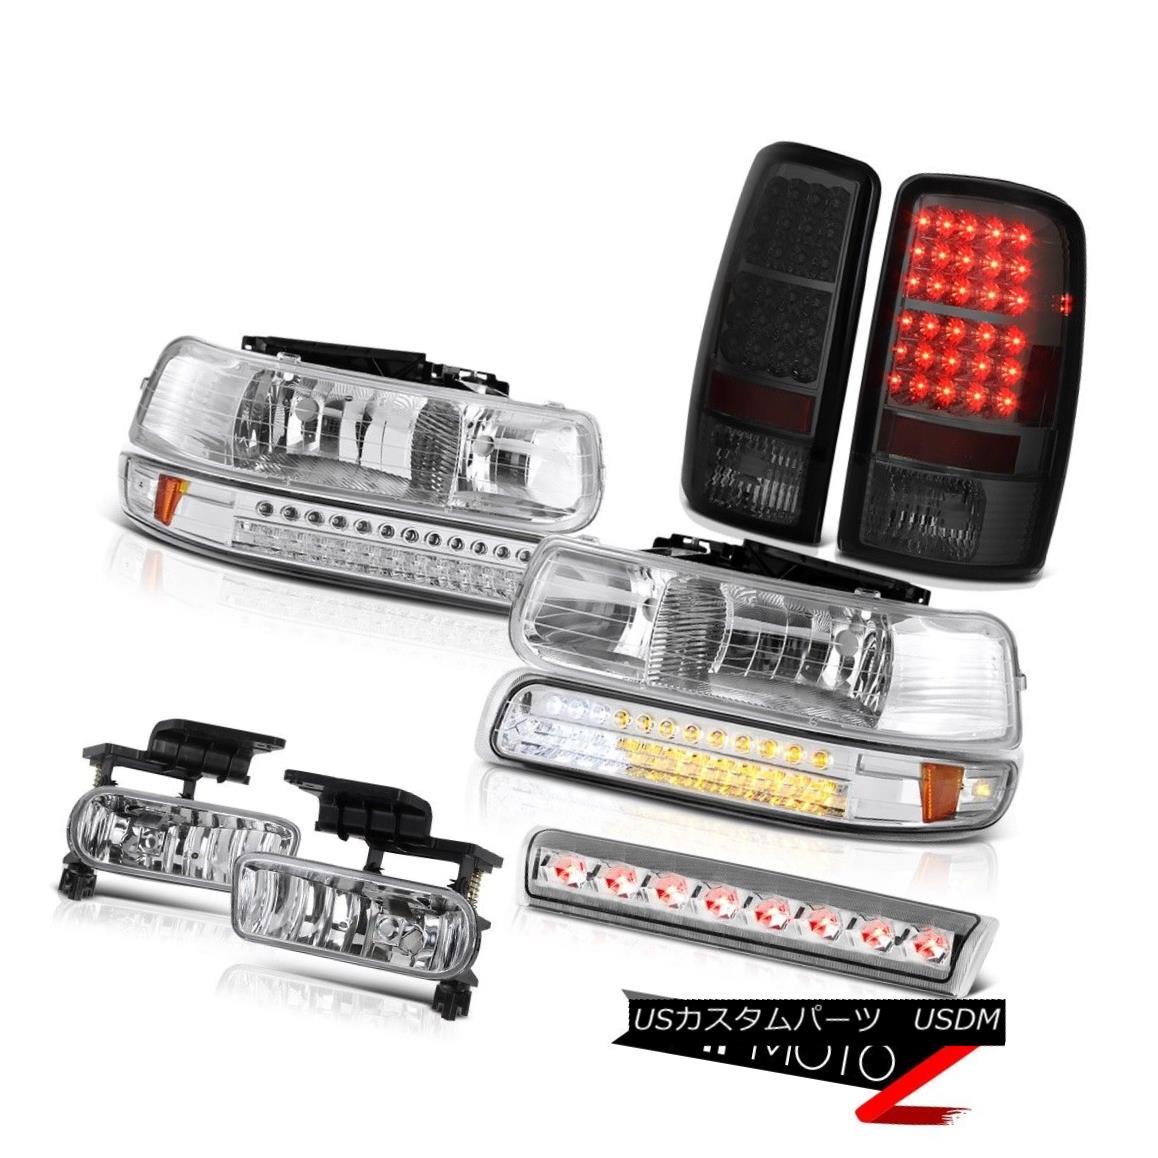 テールライト 00-06 Chevy Tahoe LS Euro clear headlamps taillamps foglights 3rd brake light 00-06 Chevy Tahoe LSユーロクリアヘッドランプテールランプfoglights第3ブレーキライト